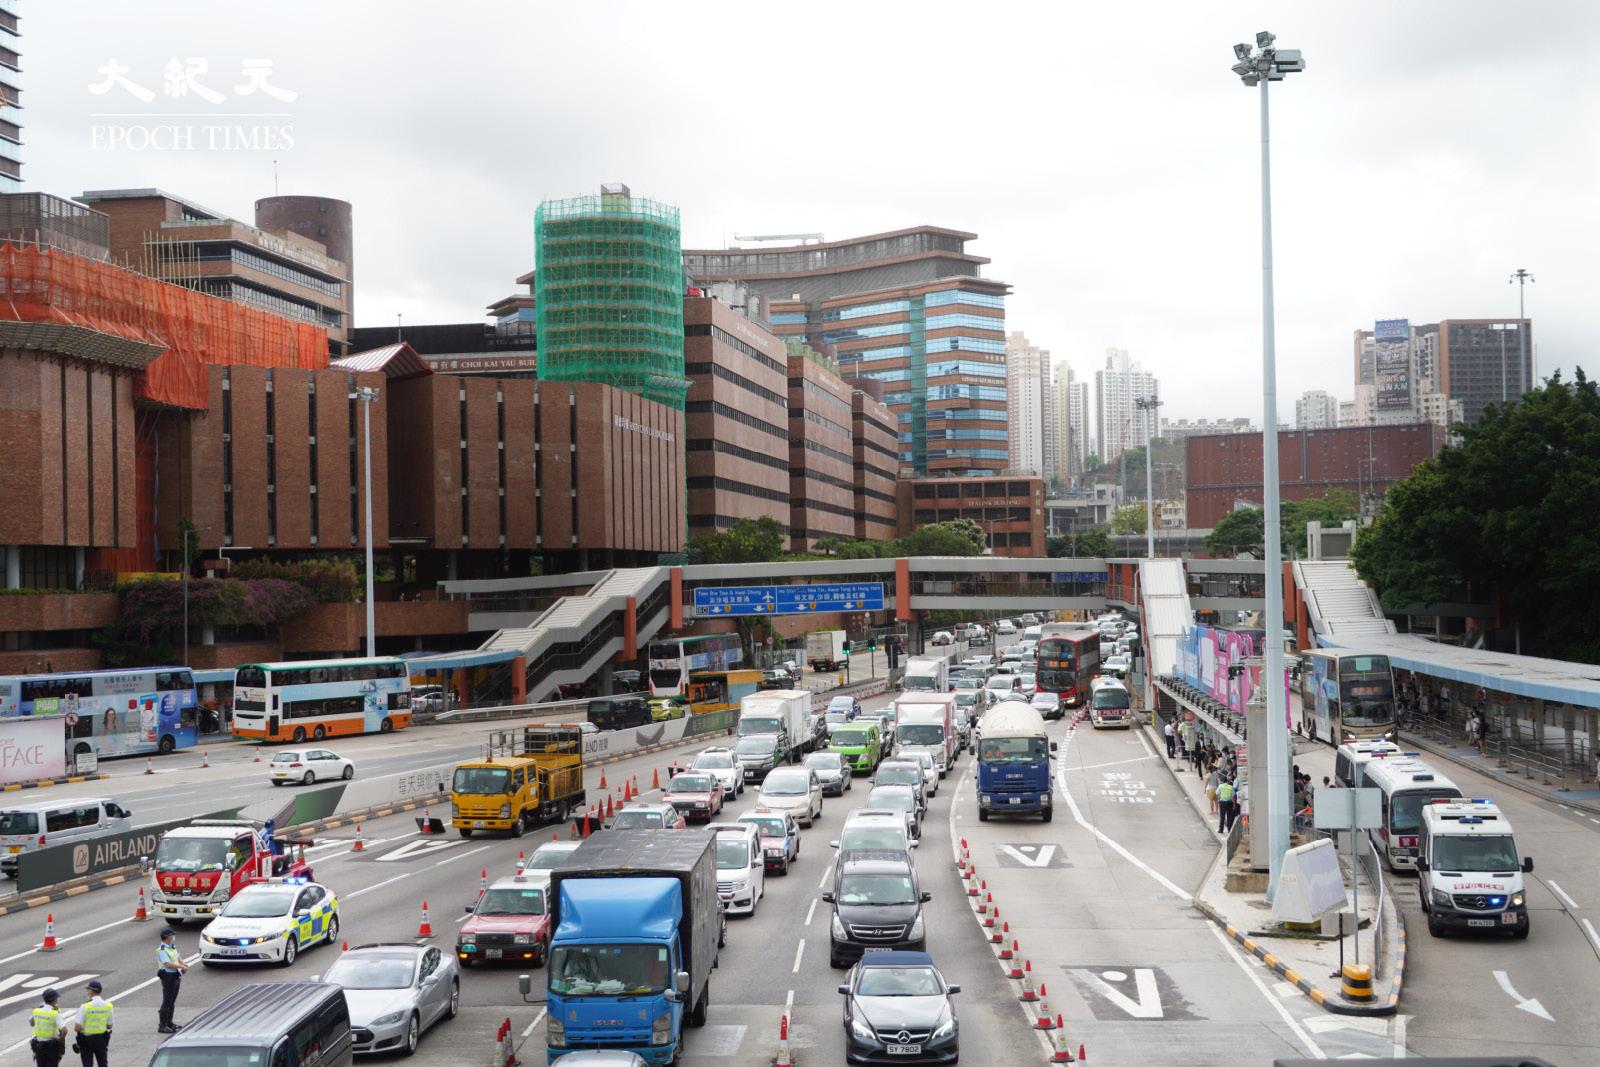 下午4時左右,警方在紅磡海底隧道設置路障,截查從九龍到港島方向的車輛。(余鋼/大紀元)